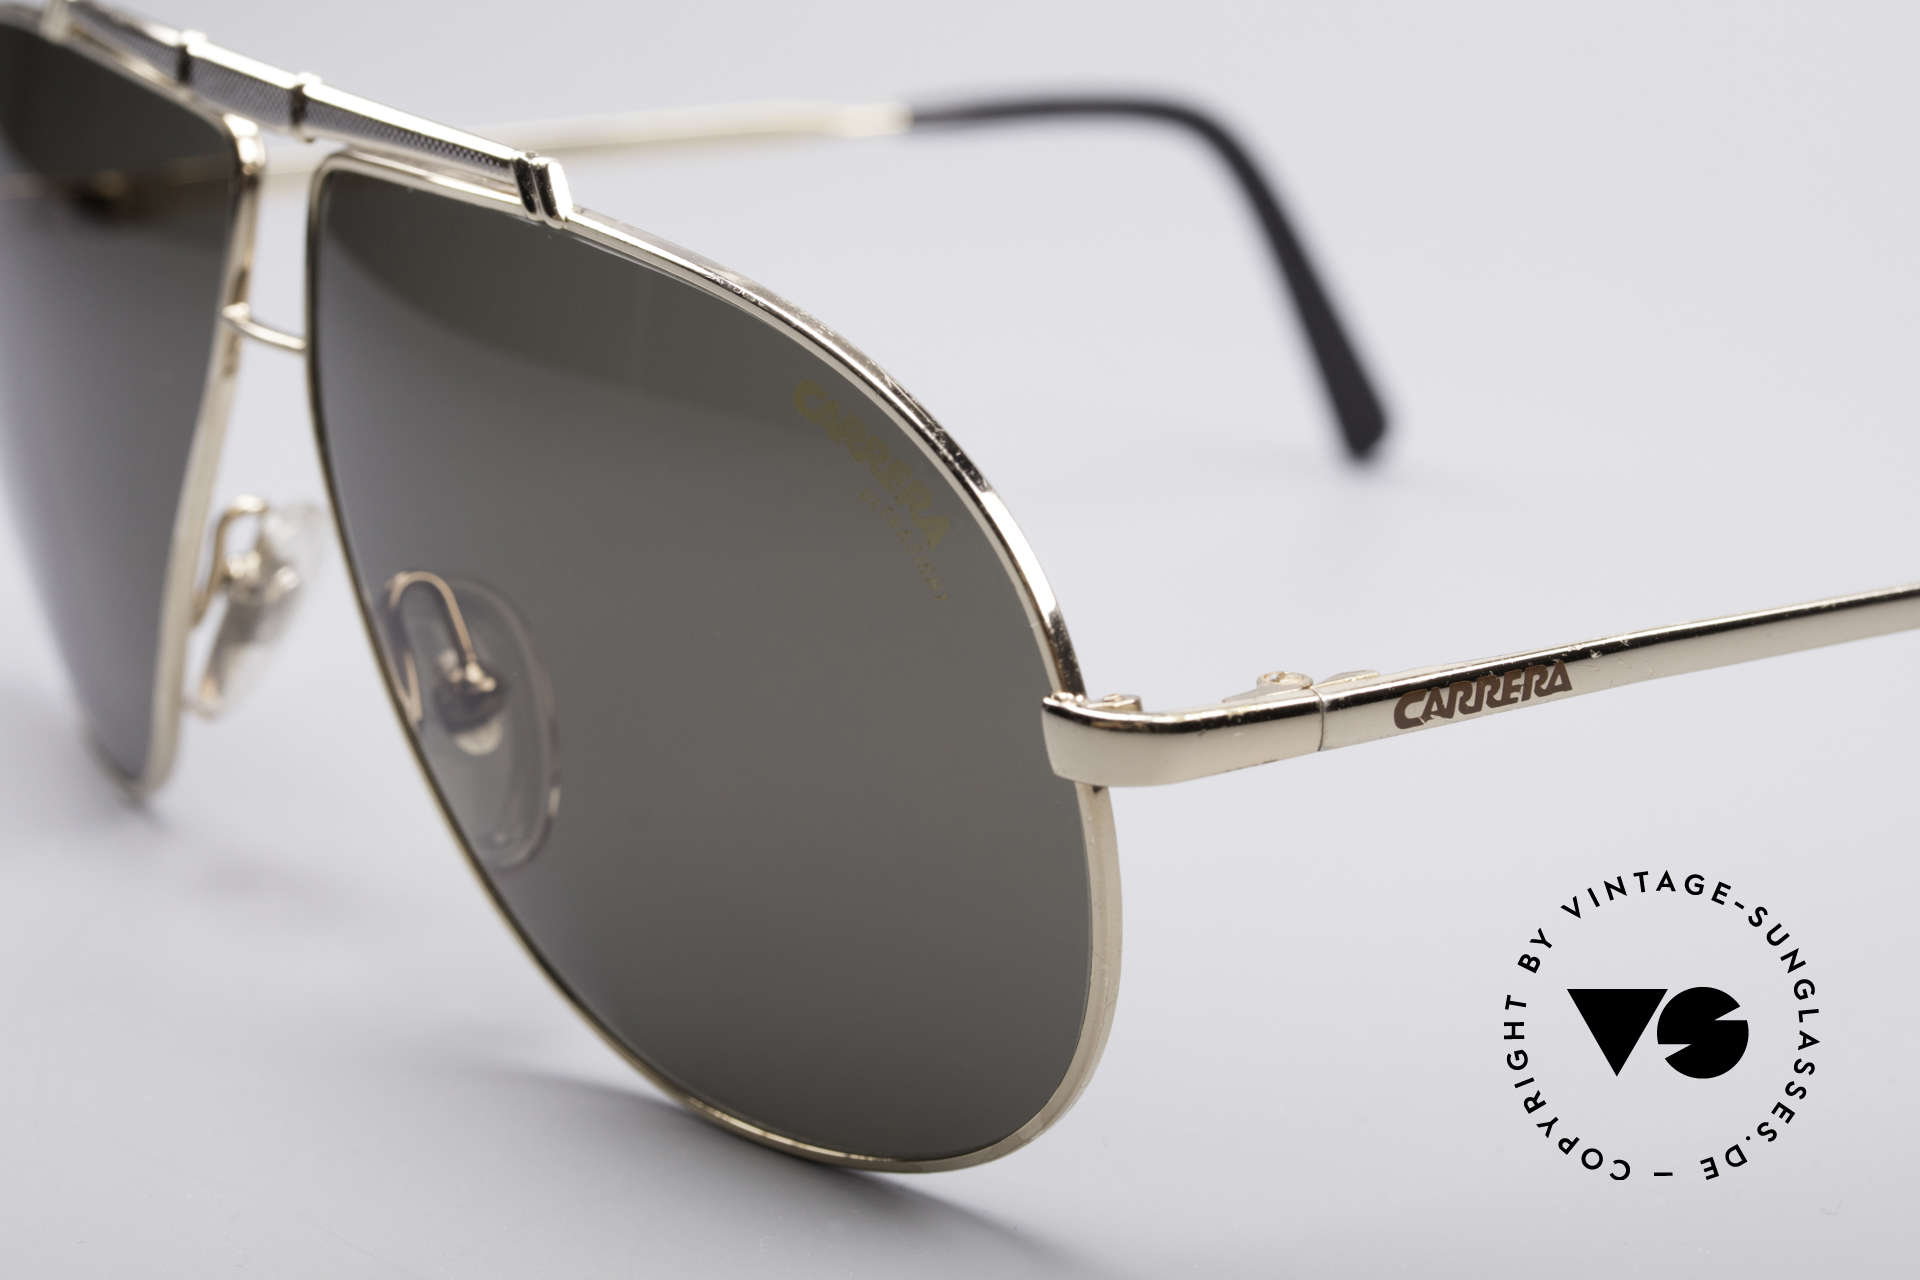 Carrera 5401 80er Pilotensonnenbrille, Top-Qualität & sehr elegantes Design von ca. 1987, Passend für Herren